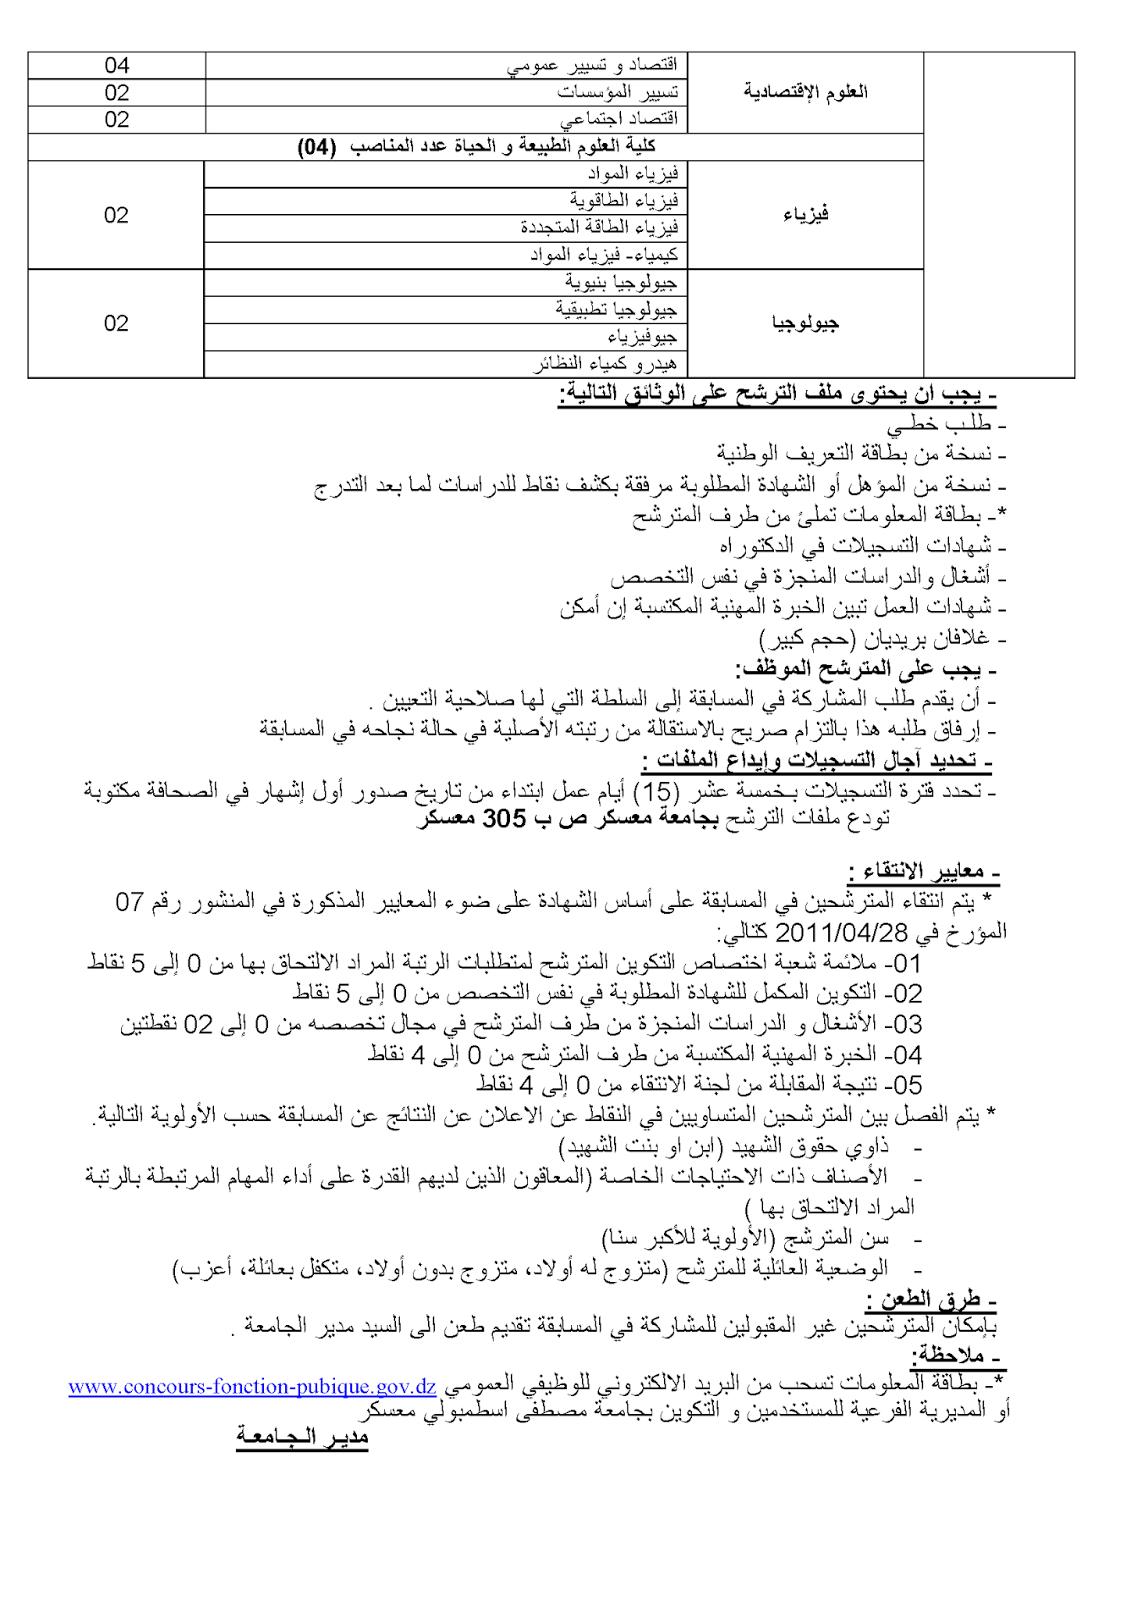 توظيف-جامعة -مصطفى-اسطمبولي-معسكر